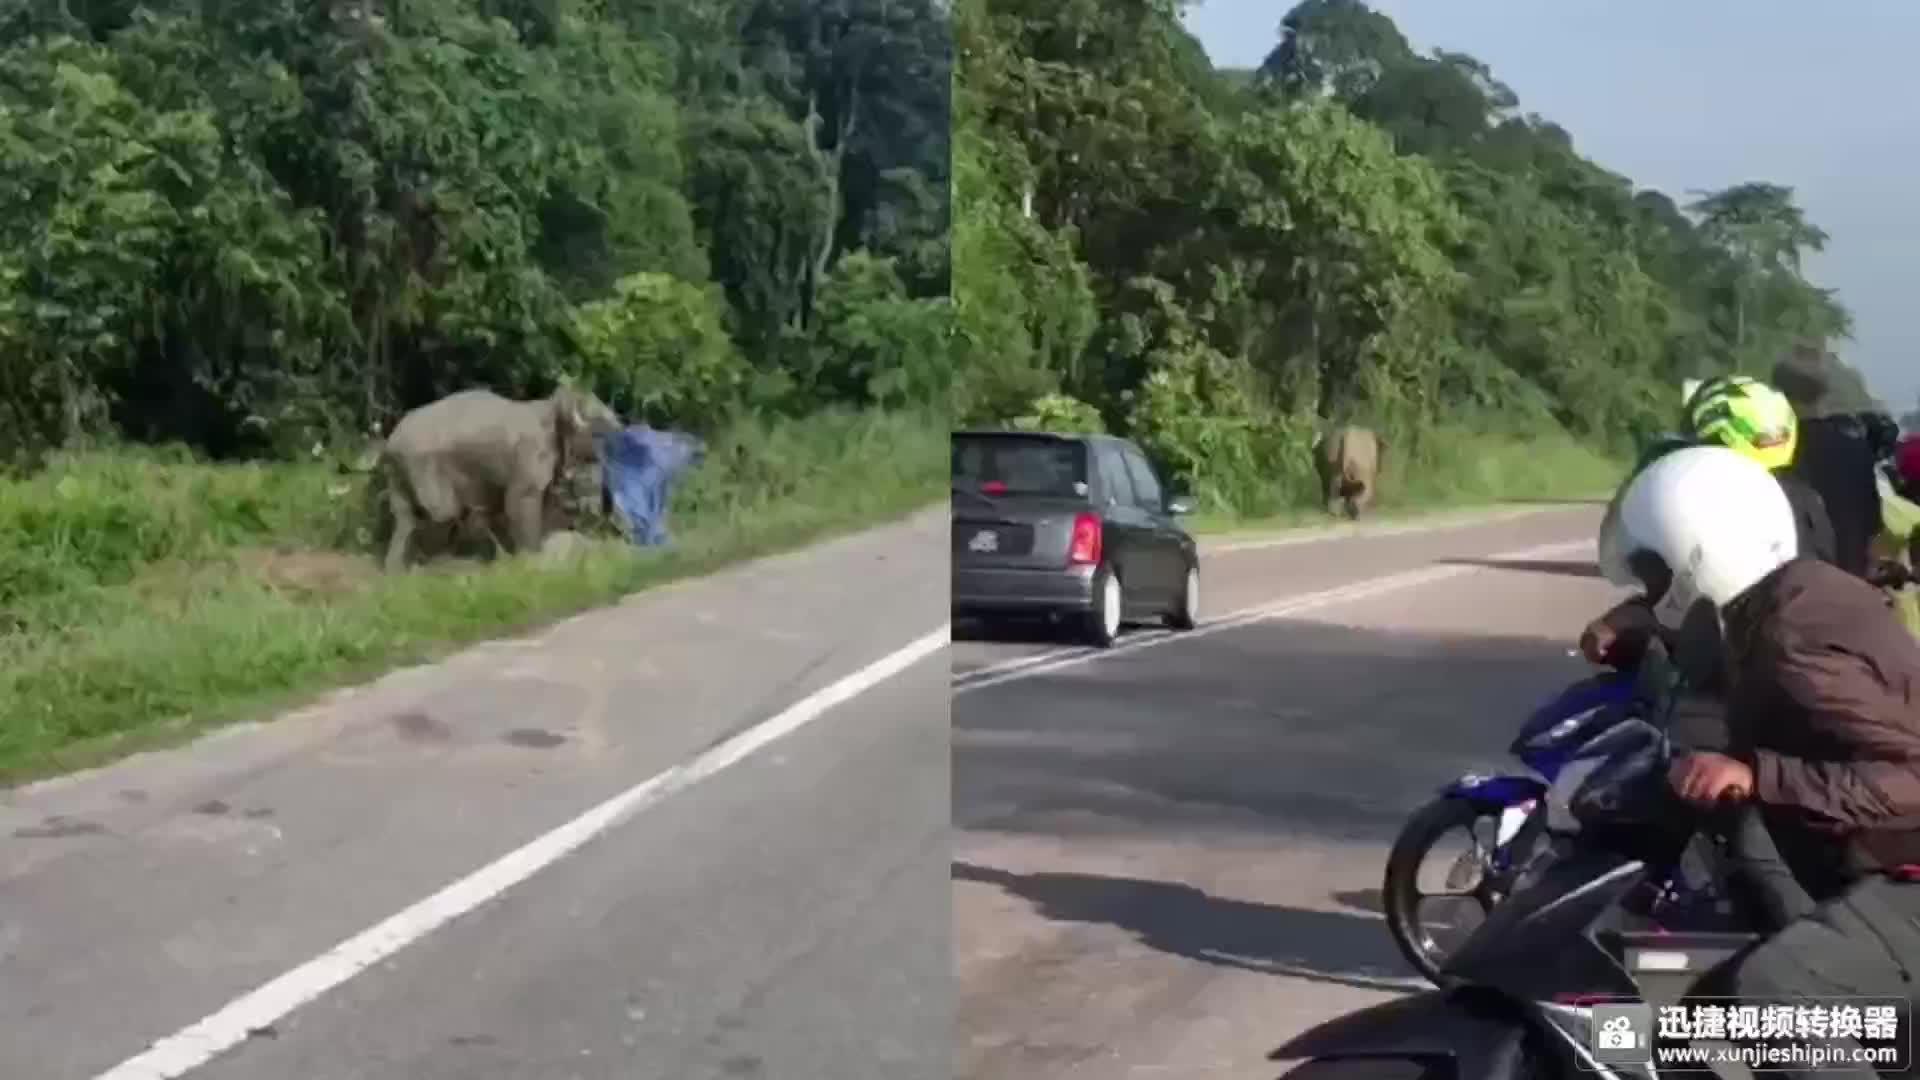 被撞小象,母象守护尸体不肯走